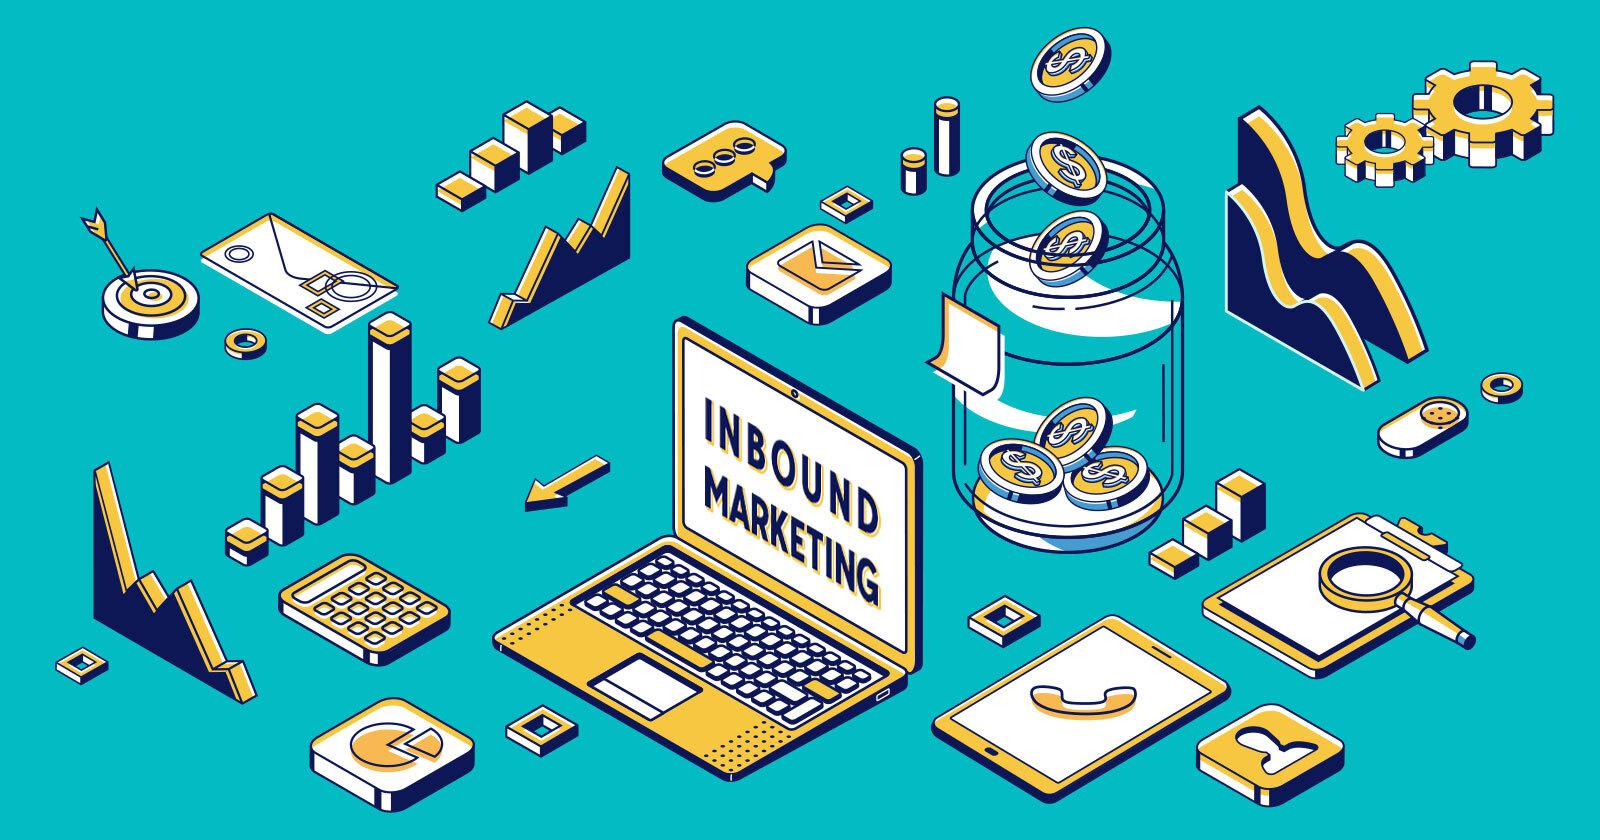 10 λόγοι για να επενδύσετε στο Inbound Marketing